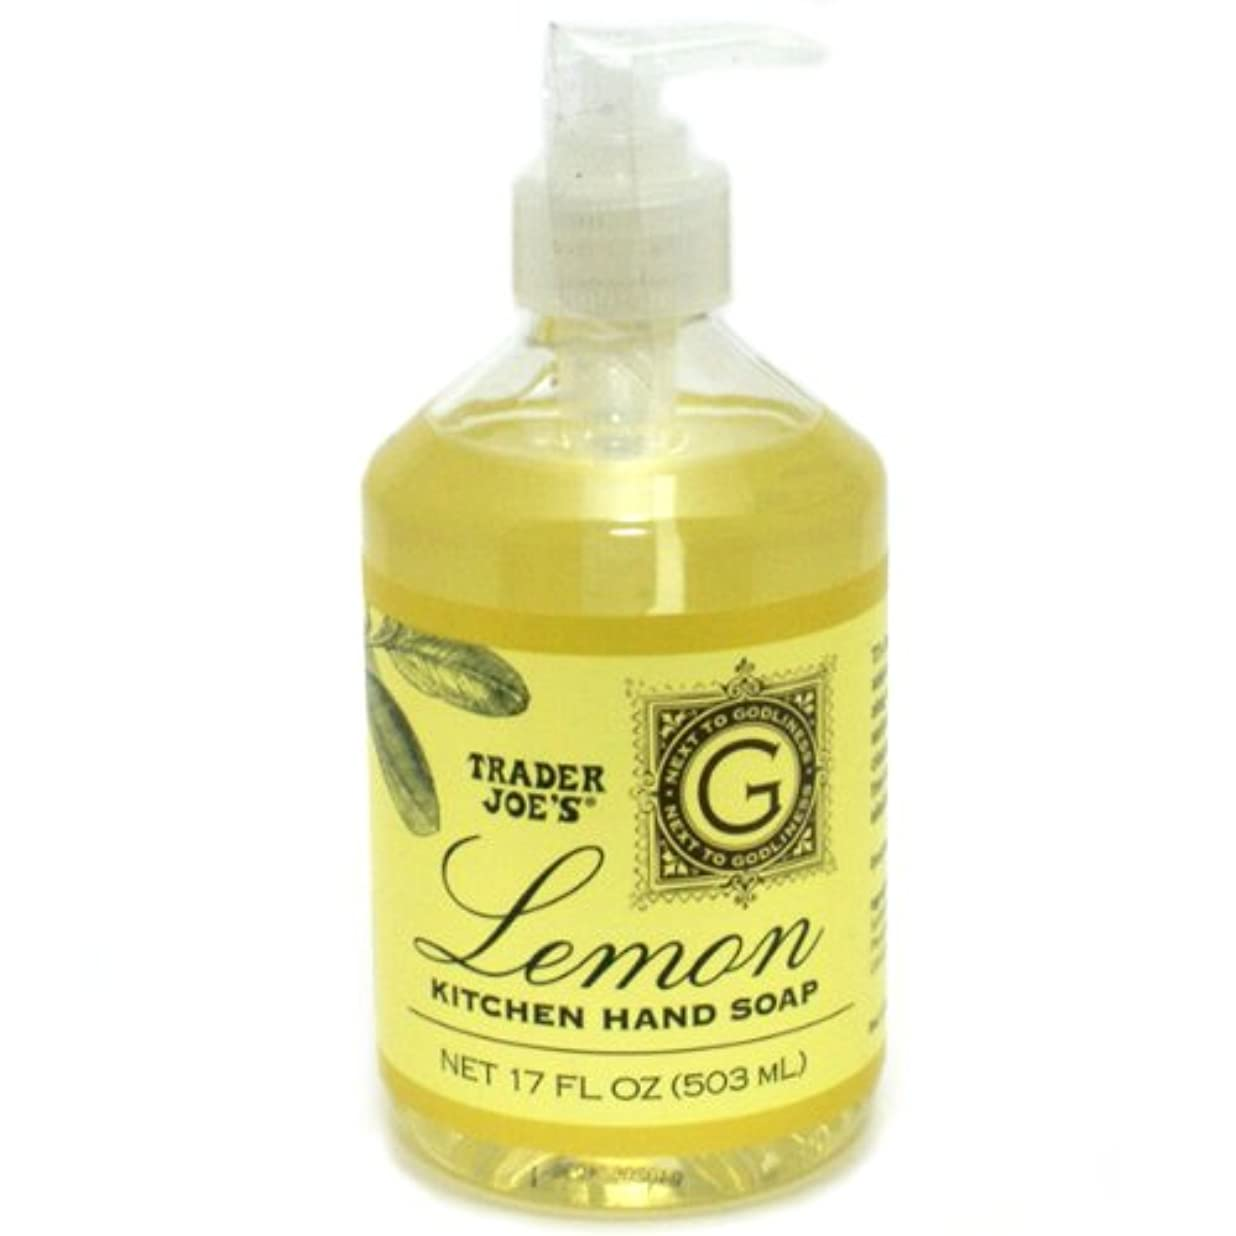 担当者バット公爵Trader Joe's トレーダージョーズ KITCHEN HAND SOAP Lemon レモン キッチンハンドソープ [並行輸入品]